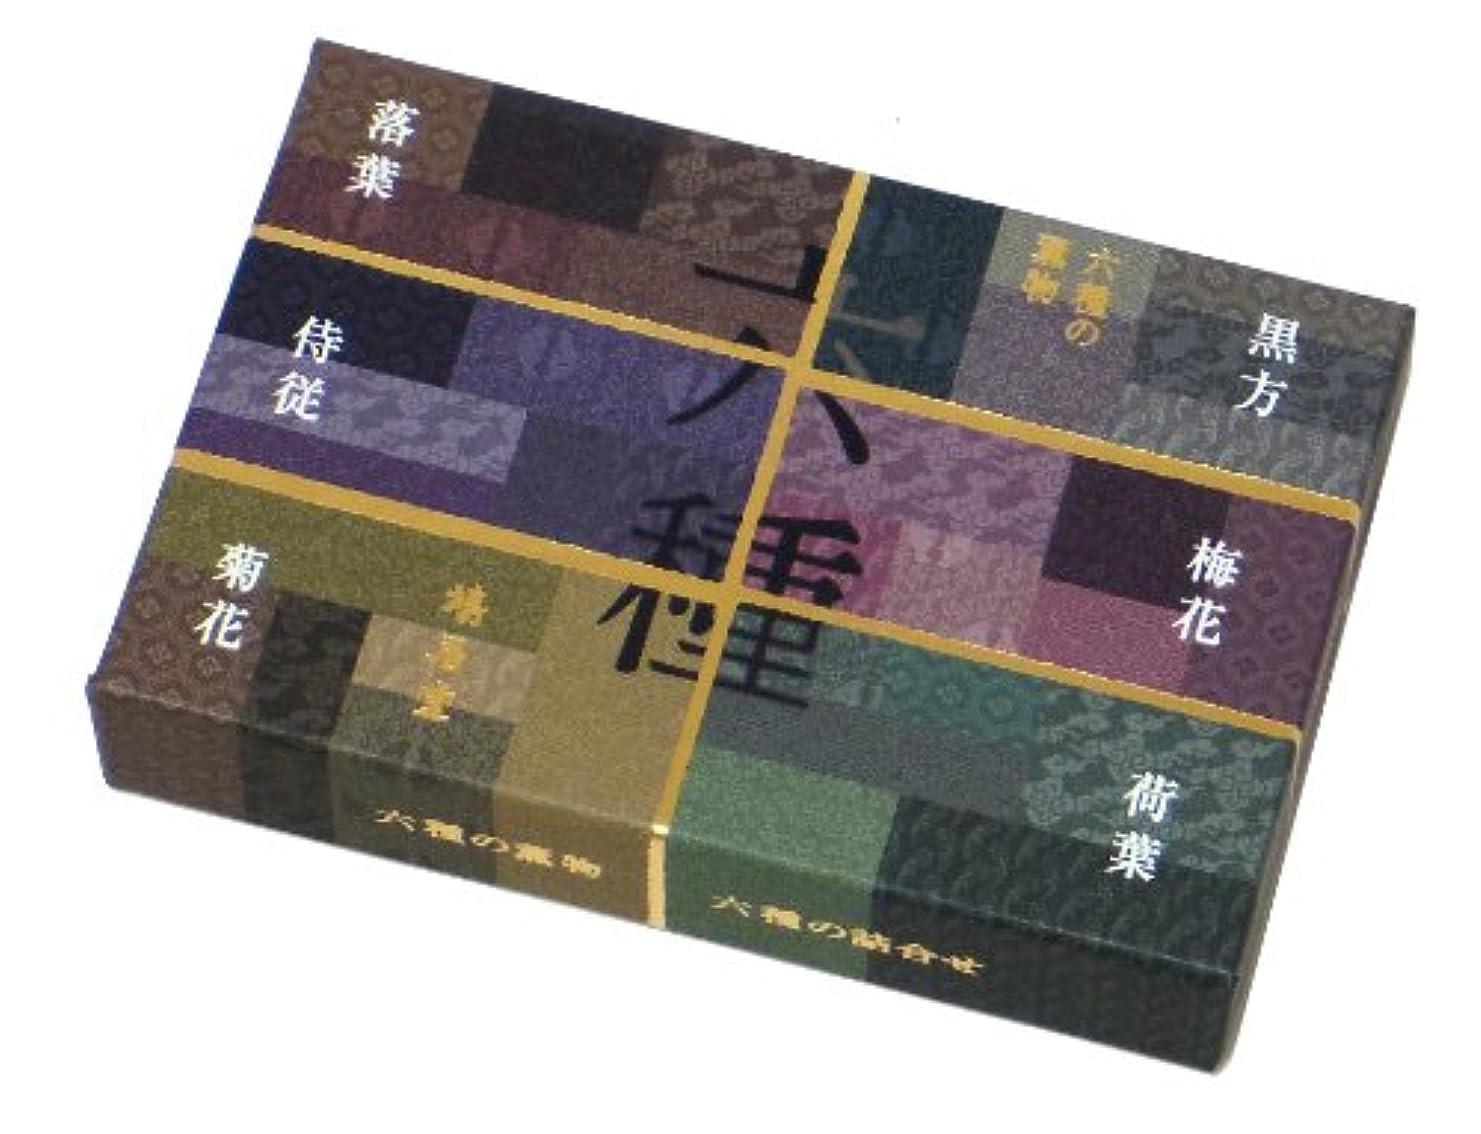 アボートクライマックスマトロン鳩居堂のお香 六種の薫物6種セット 6種類各5本入 6cm 香立入